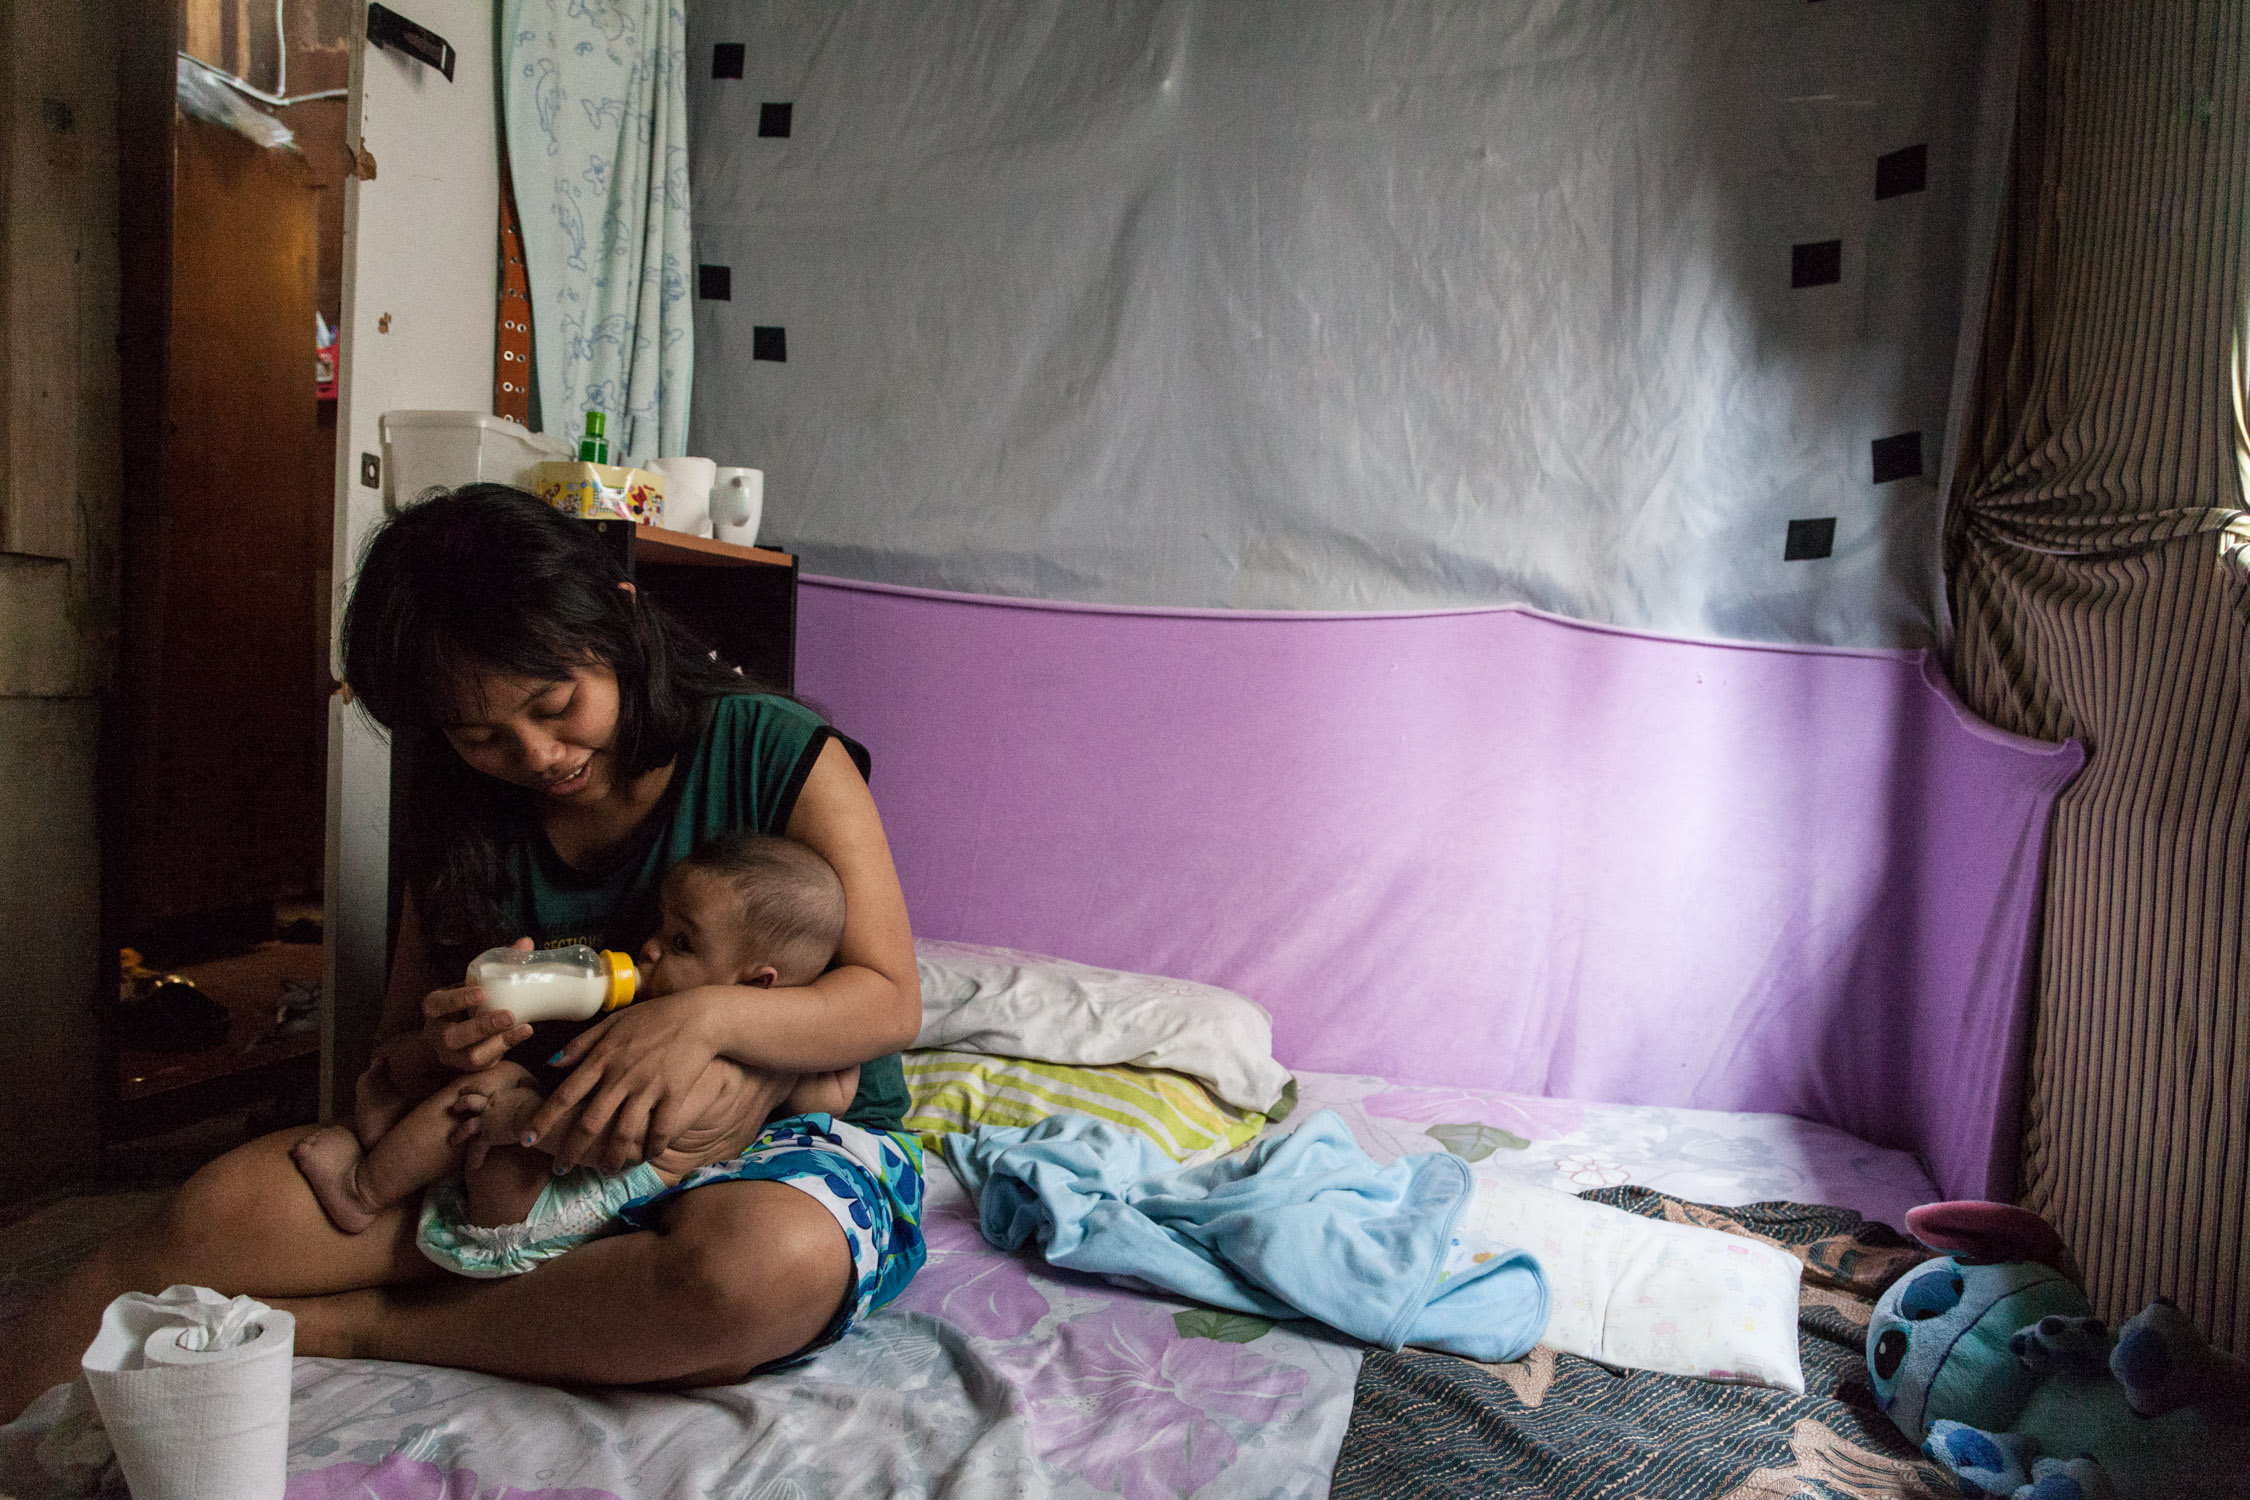 物價飆升,難民用自己的津貼補貼奶粉錢給予小朋友最好